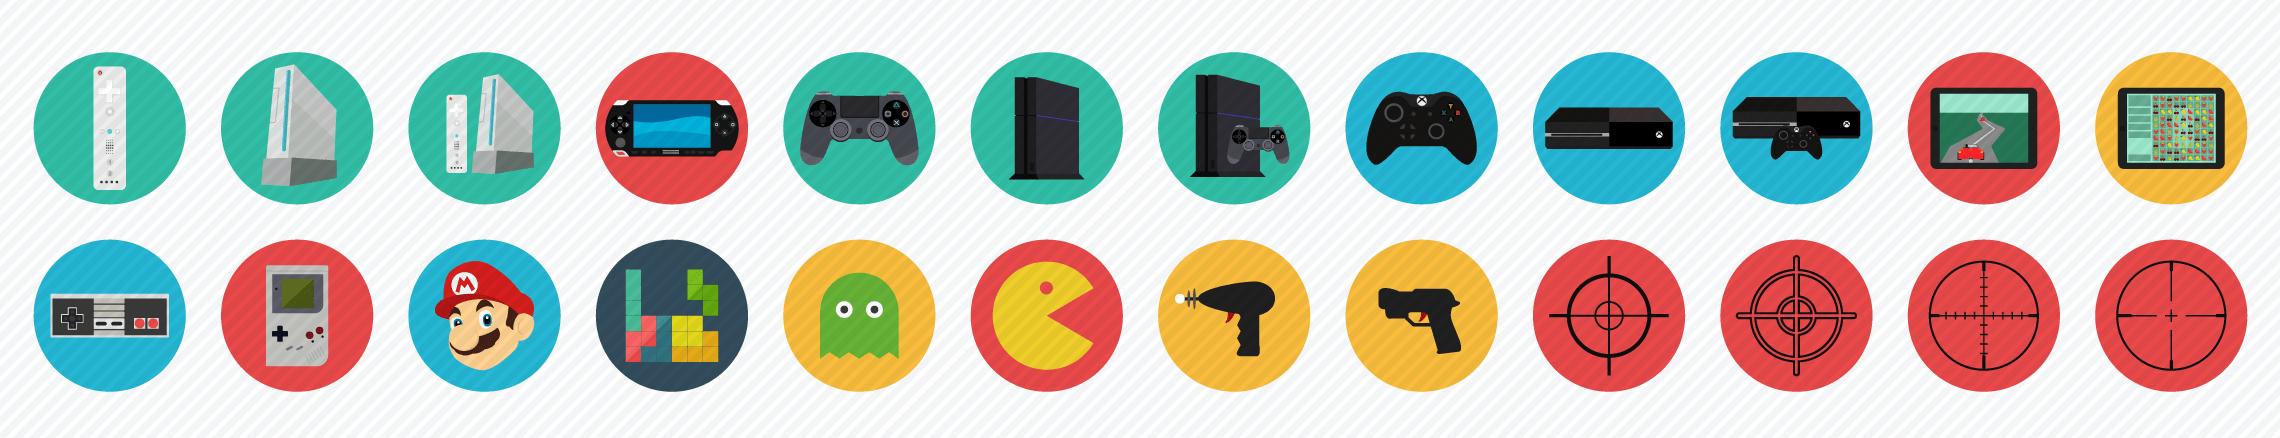 Gaming flat icons